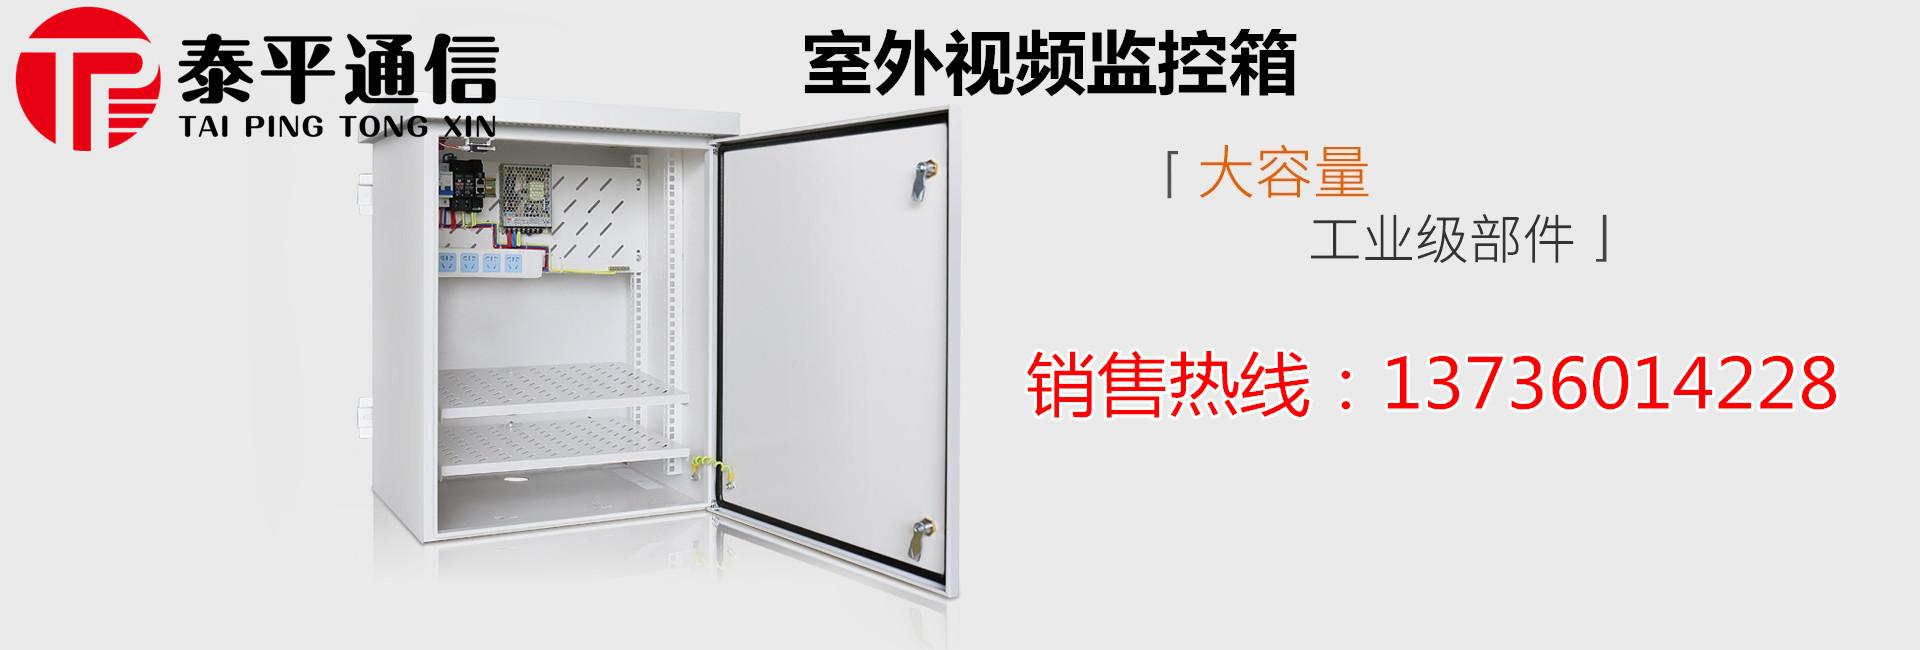 好安芯-安徽彩票11选五开奖结果 (2)